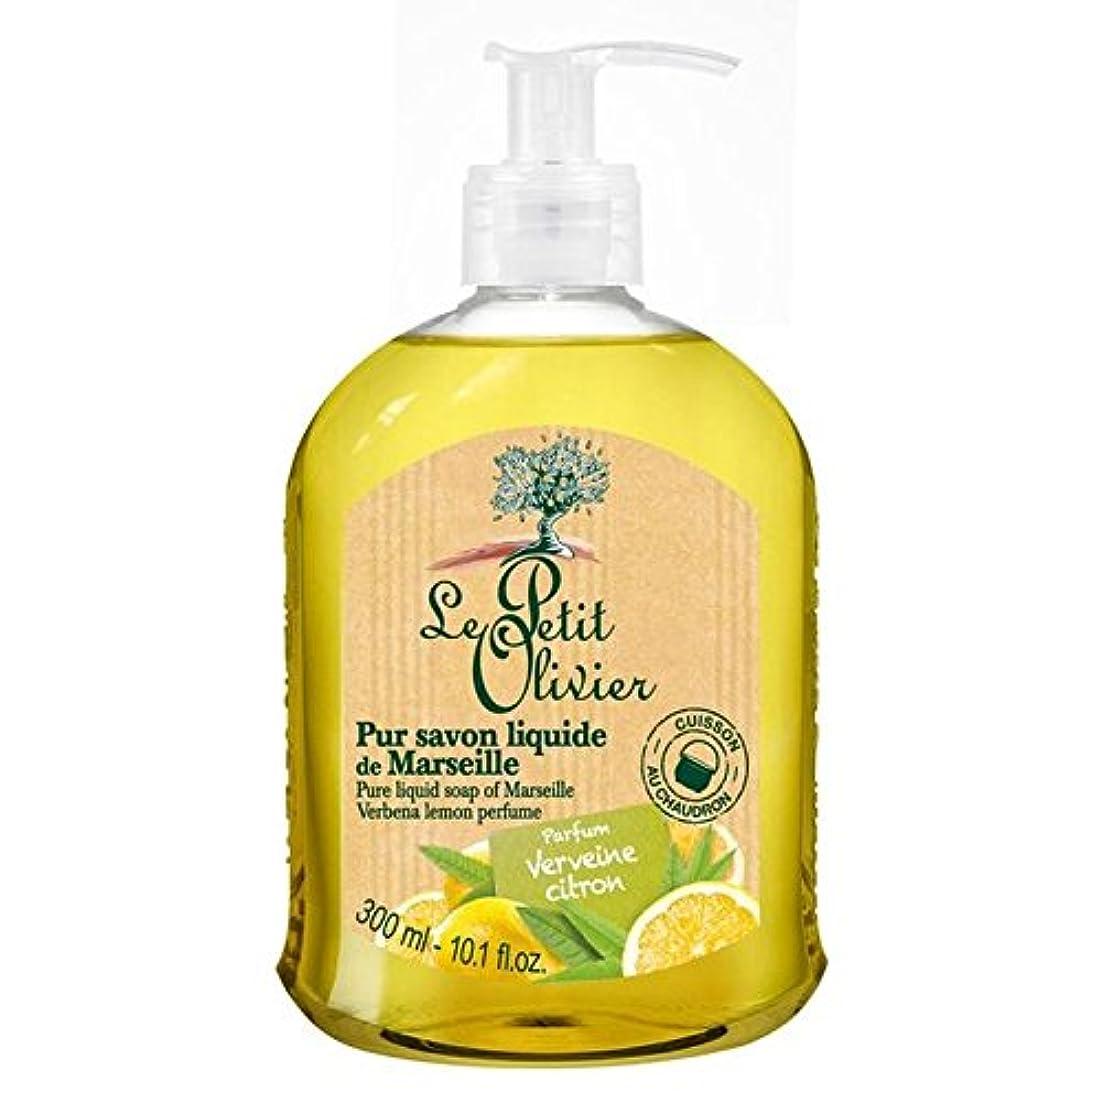 おしゃれじゃない集中的な利得マルセイユのル?プティ?オリヴィエ純粋な液体石鹸、バーベナレモン300ミリリットル x2 - Le Petit Olivier Pure Liquid Soap of Marseille, Verbena Lemon 300ml (Pack of 2) [並行輸入品]